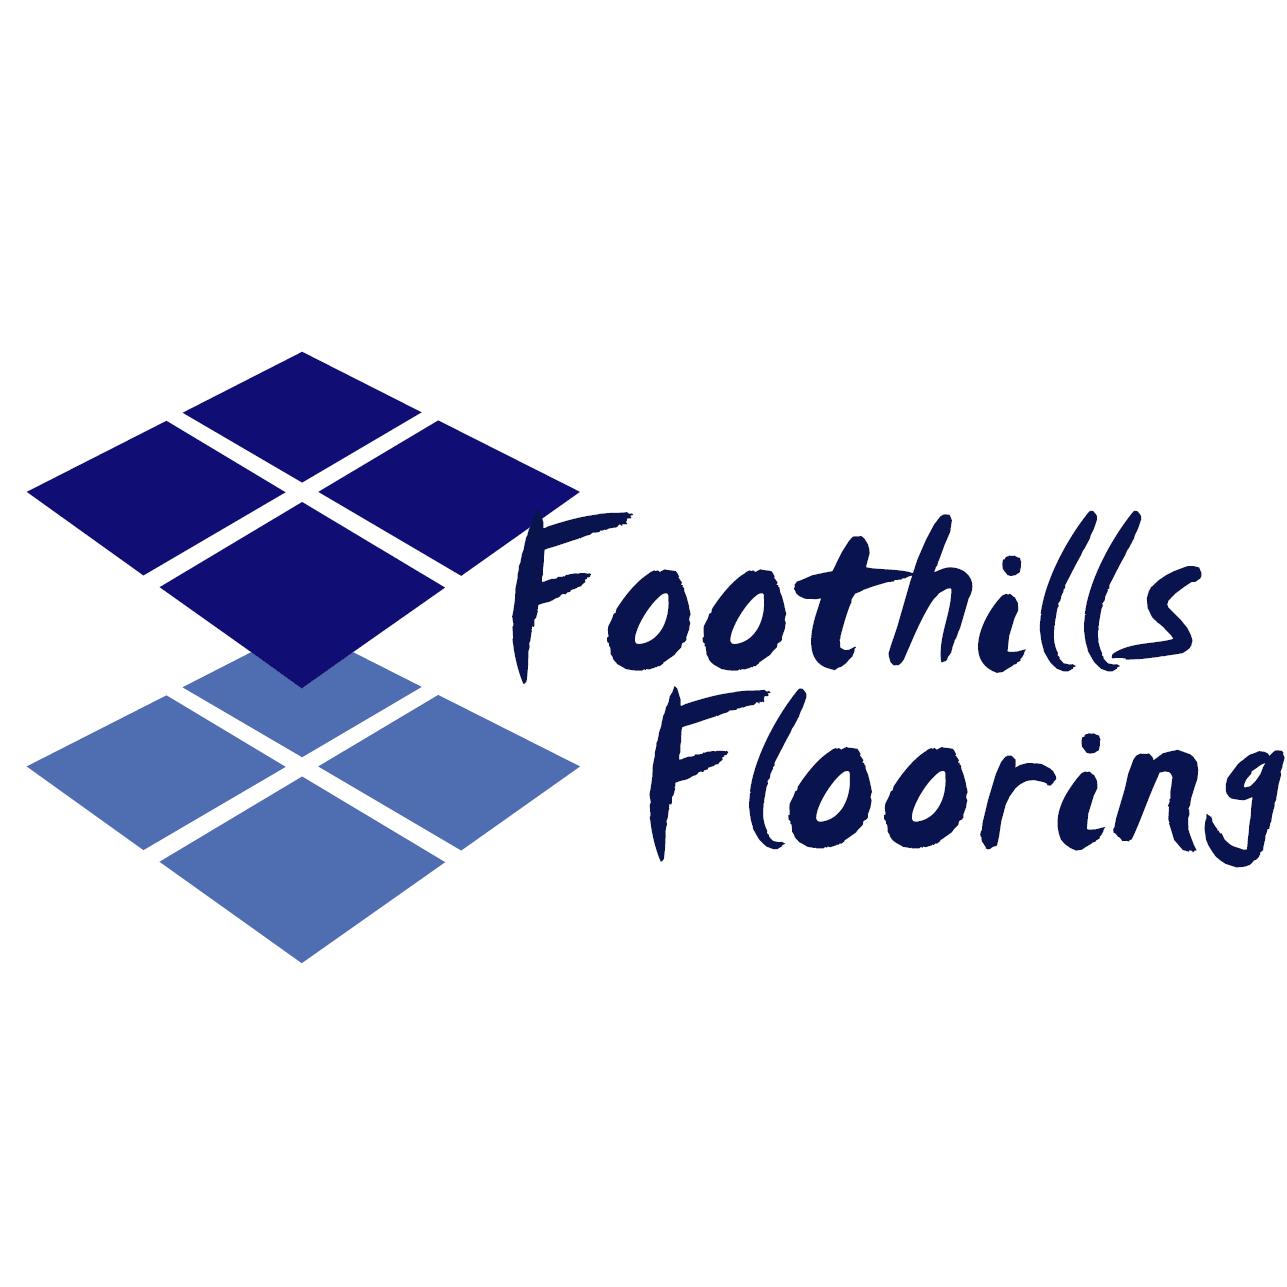 Foothills Flooring